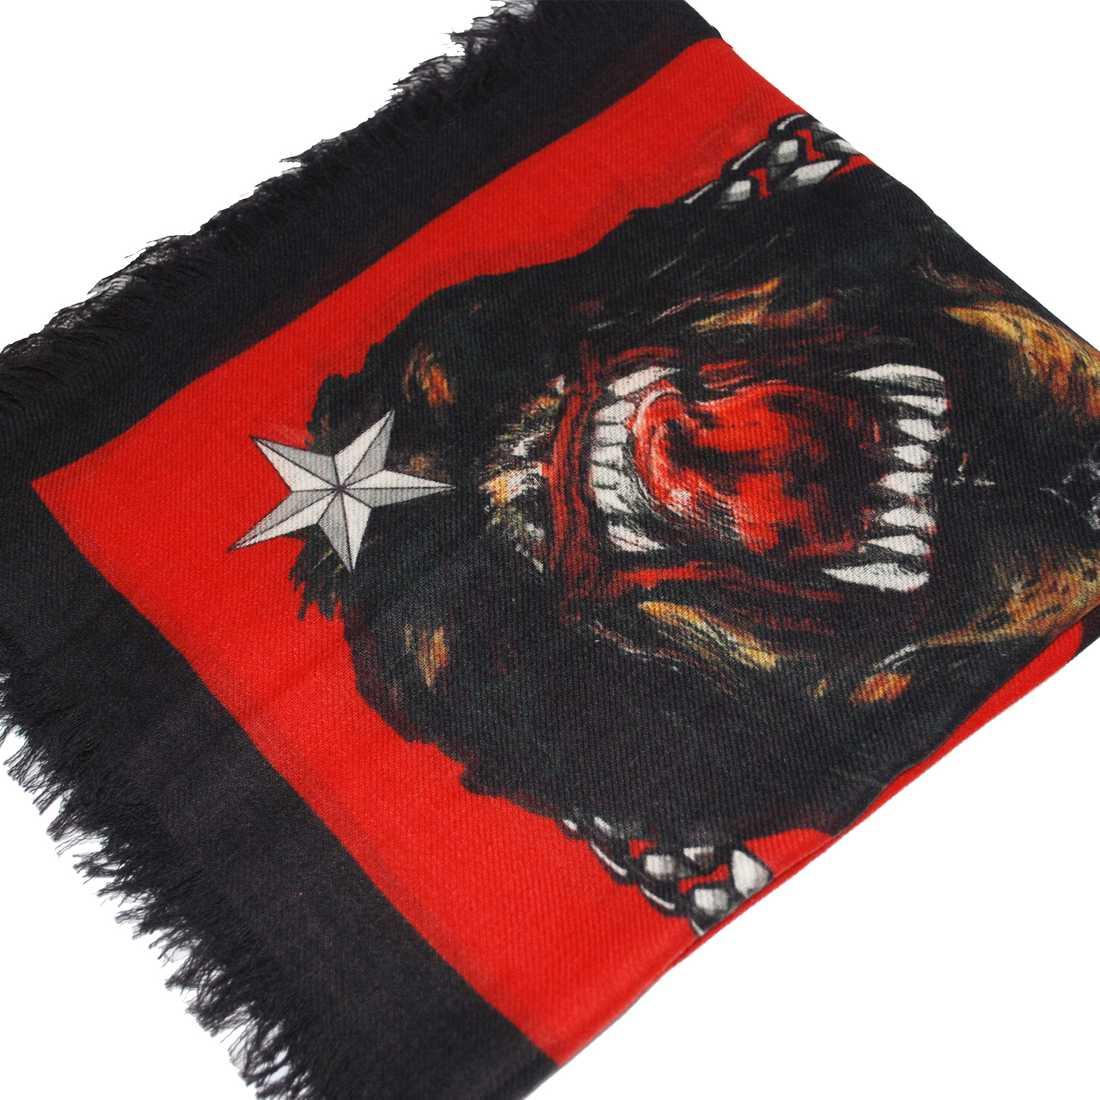 Sjal från Givenchy med rottweiler-tryck, 2995 kronor, Kyssjohanna.se.